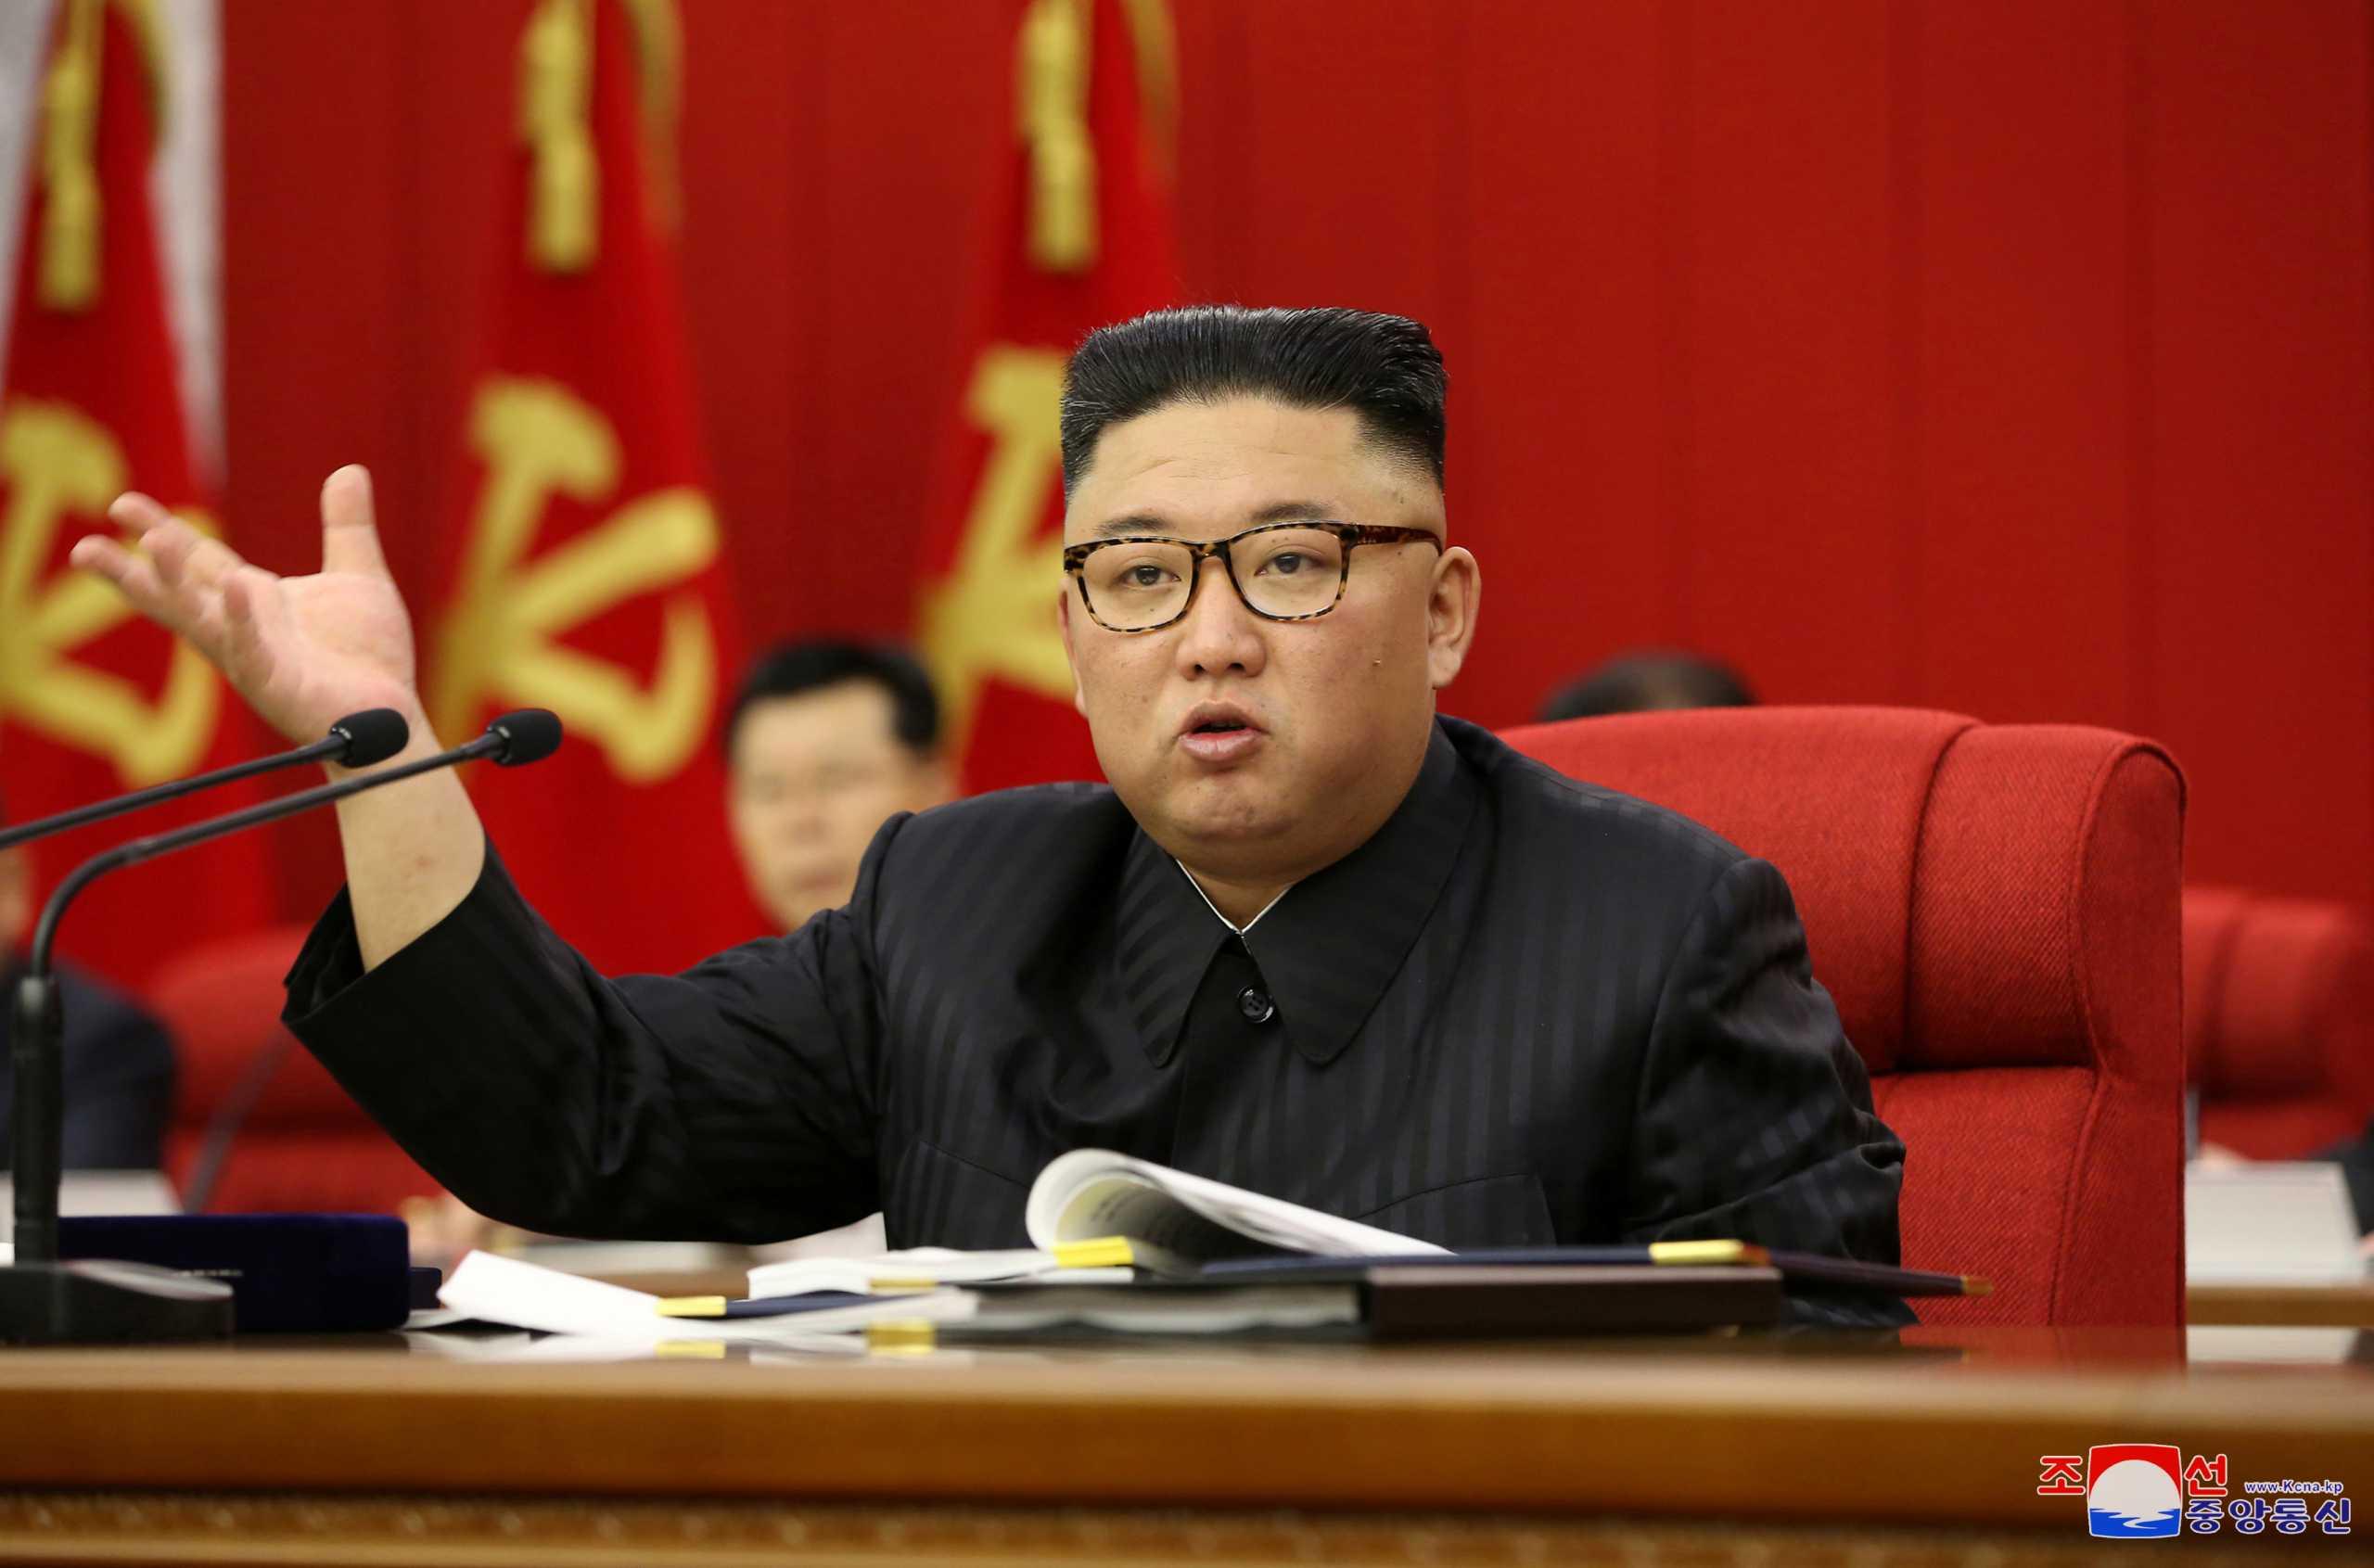 Βόρεια και Νότια Κορέα: Αποκαταστάθηκε η επικοινωνία τους – Σε λειτουργία τα «κόκκινα τηλέφωνα»